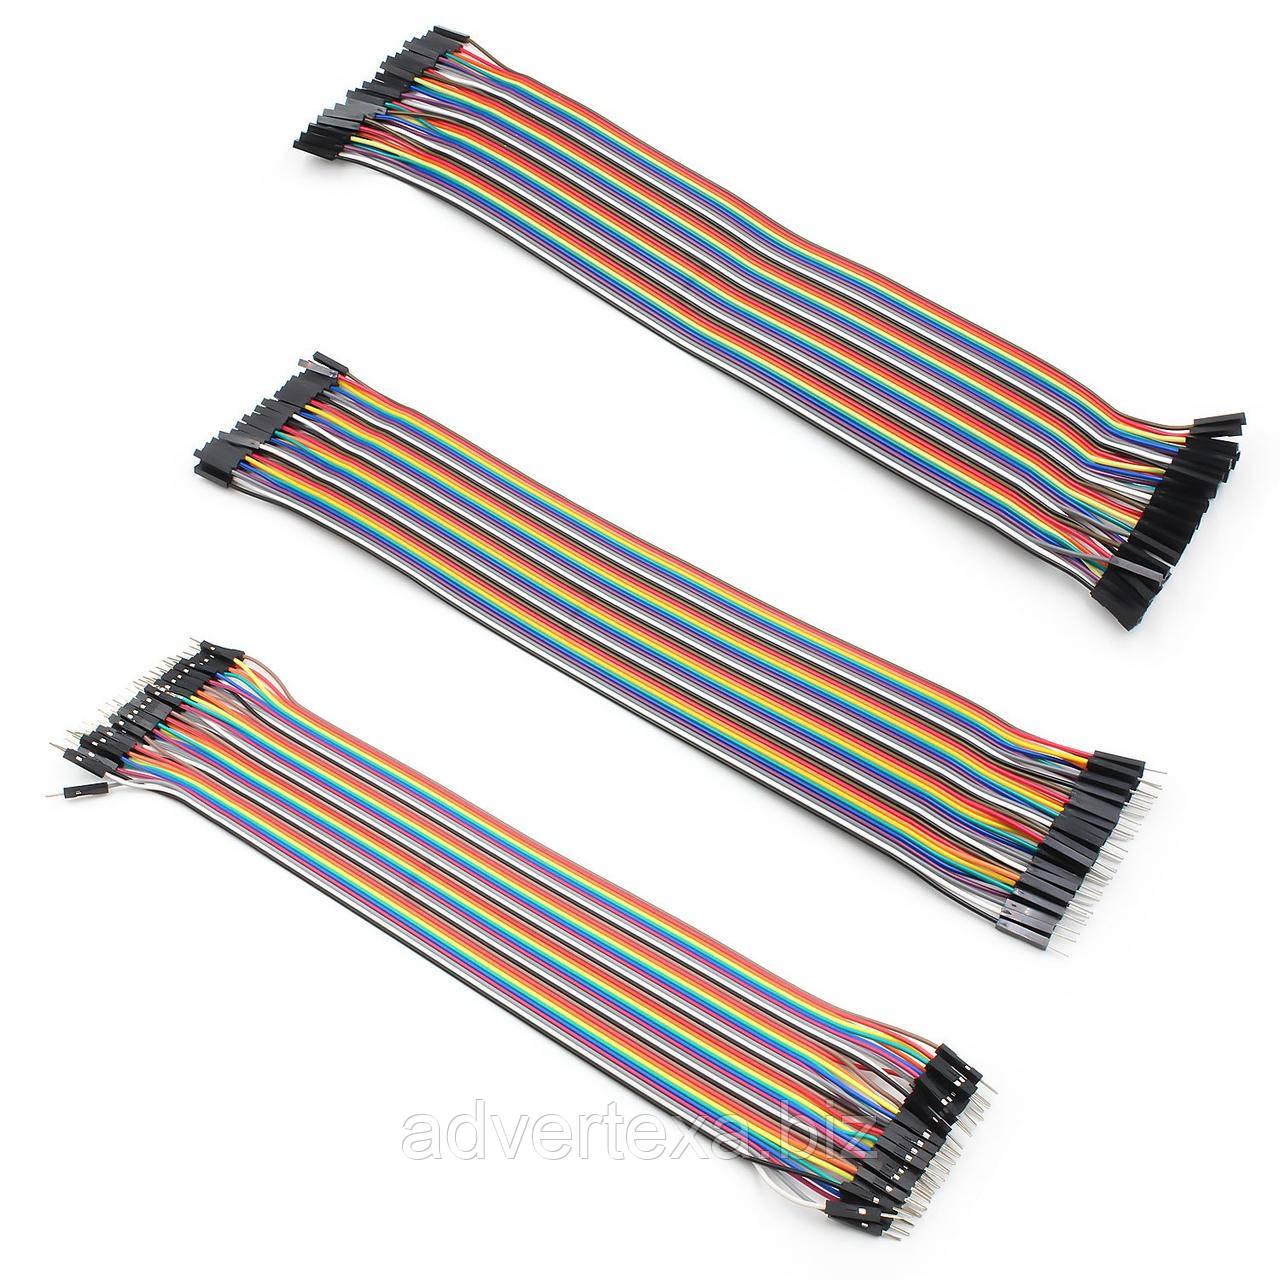 120 штук Dupont Дюпон кабель 30см